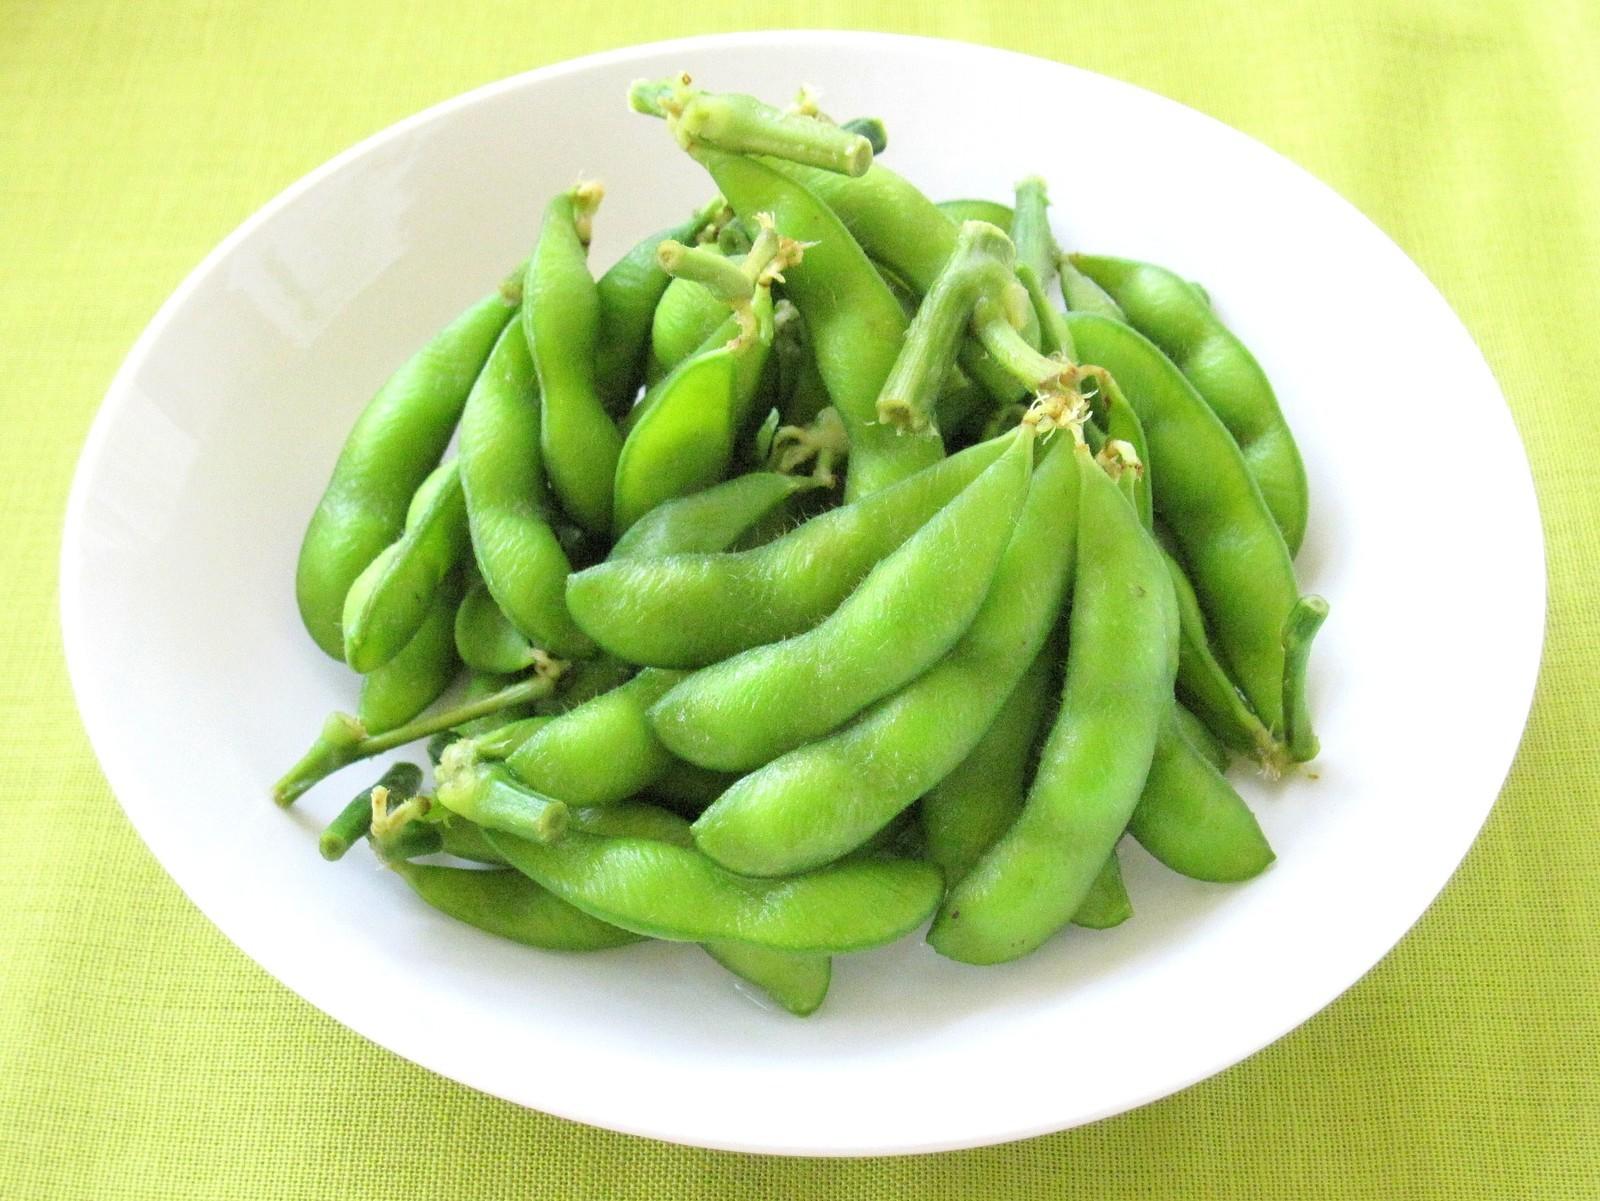 枝豆におすすめのコンパニオンプランツは?一緒に植えるべき野菜や植物は?